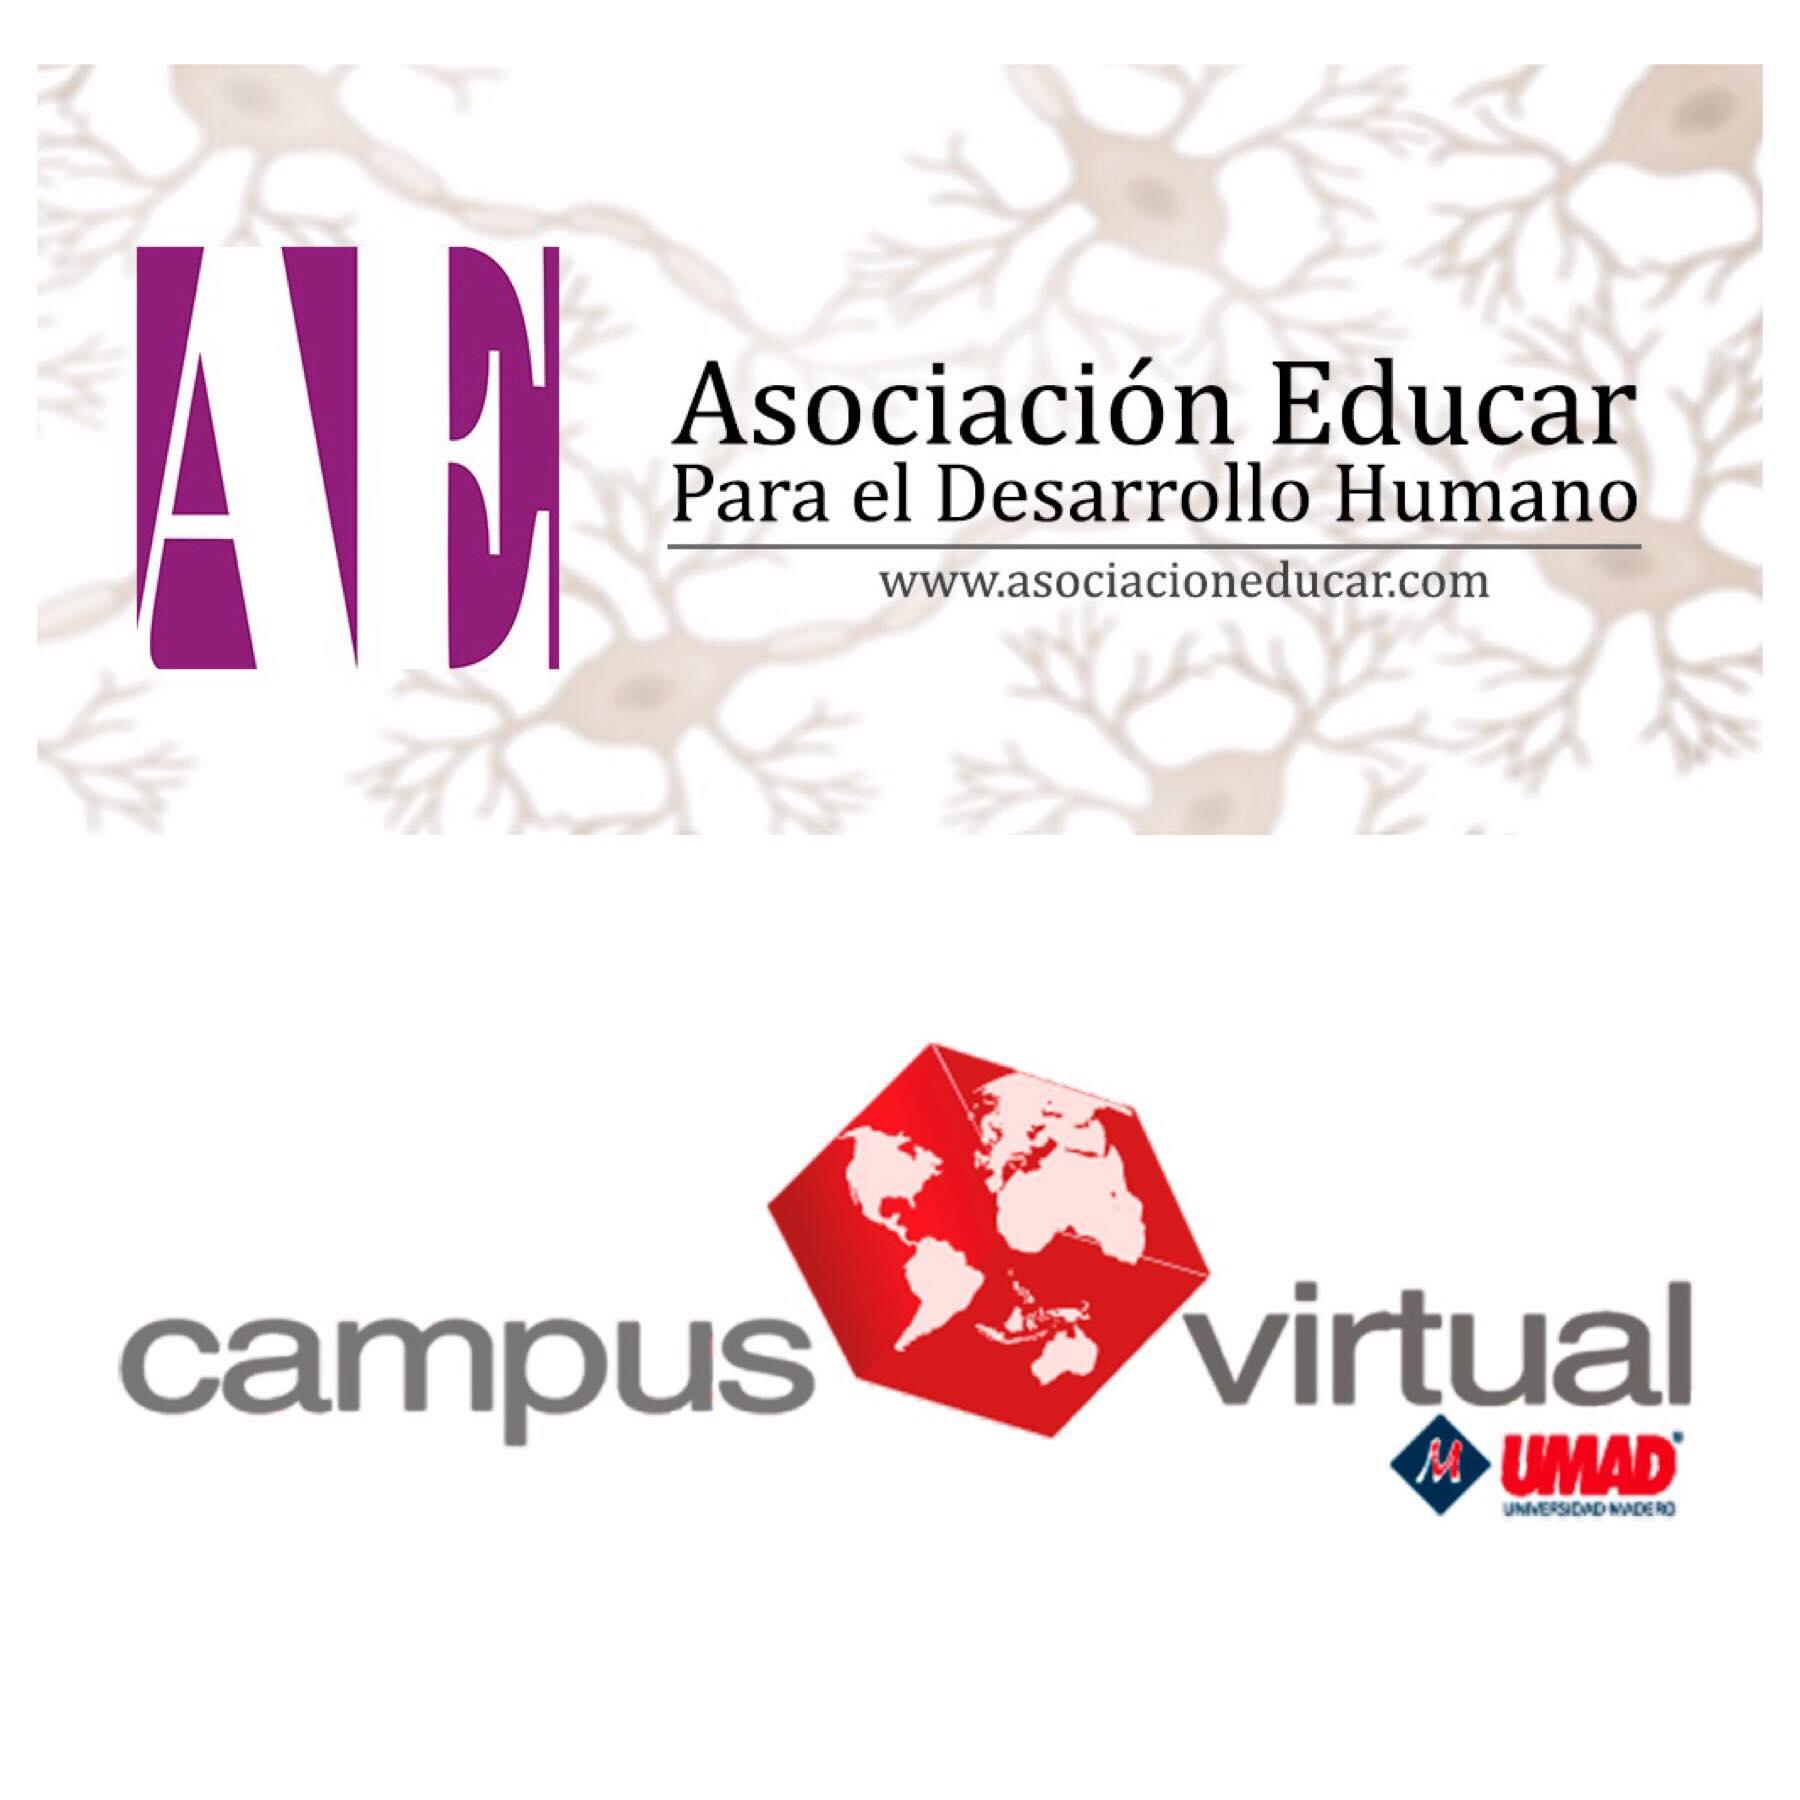 Campus Virtual UMAD estrecha lazos con Asociación Educar de Argentina